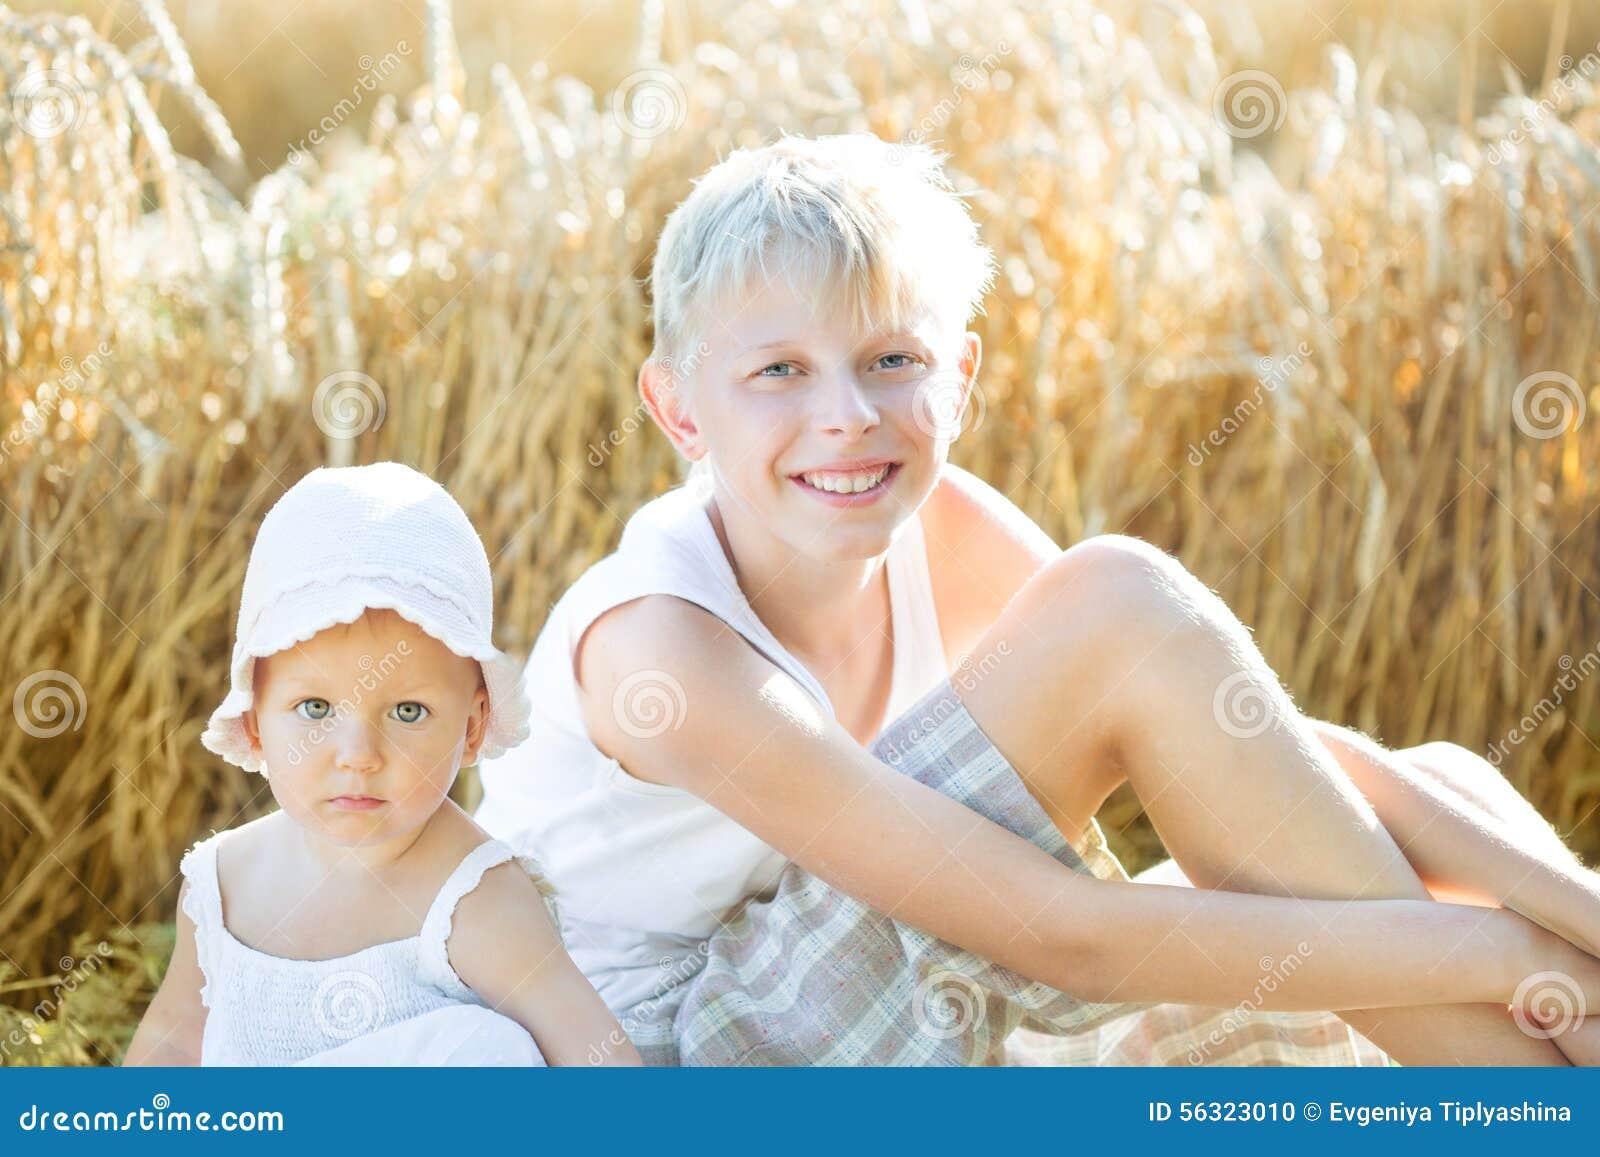 Παιδιά σε ένα πεδίο σίτου